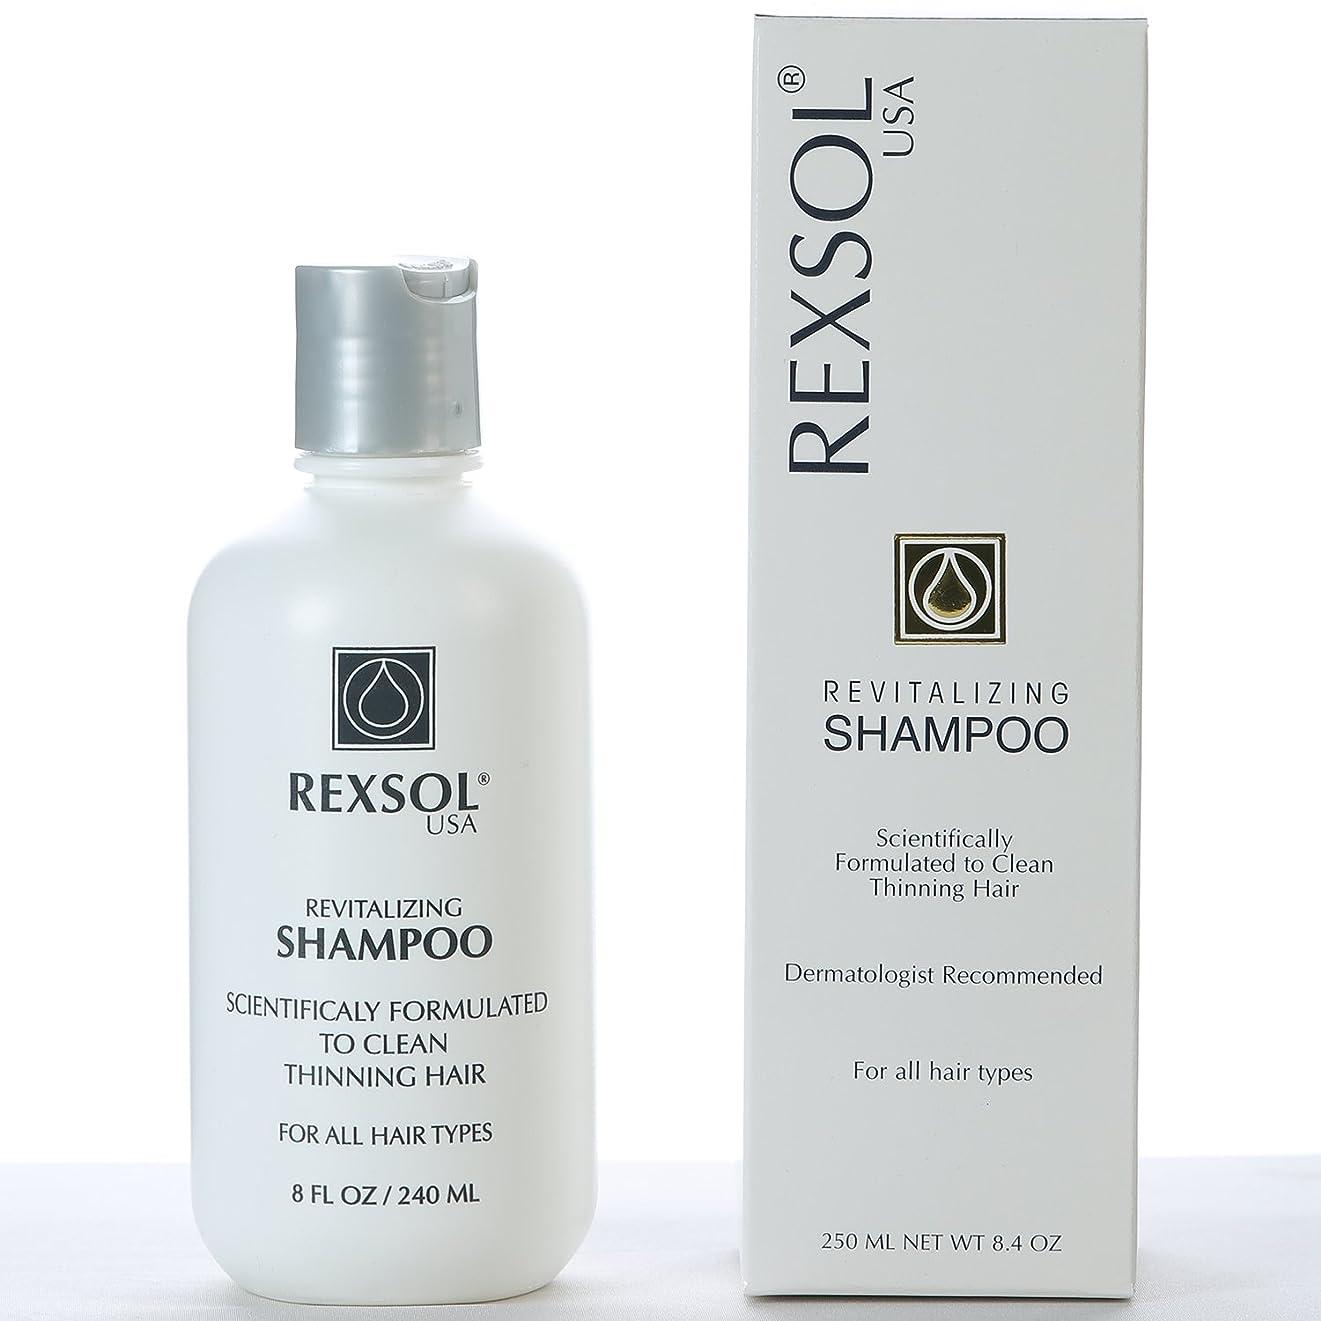 着実にイソギンチャク慣習REXSOL活性化シャンプー科学的にREXSOLによって薄くなる髪をきれいにするために処方されて